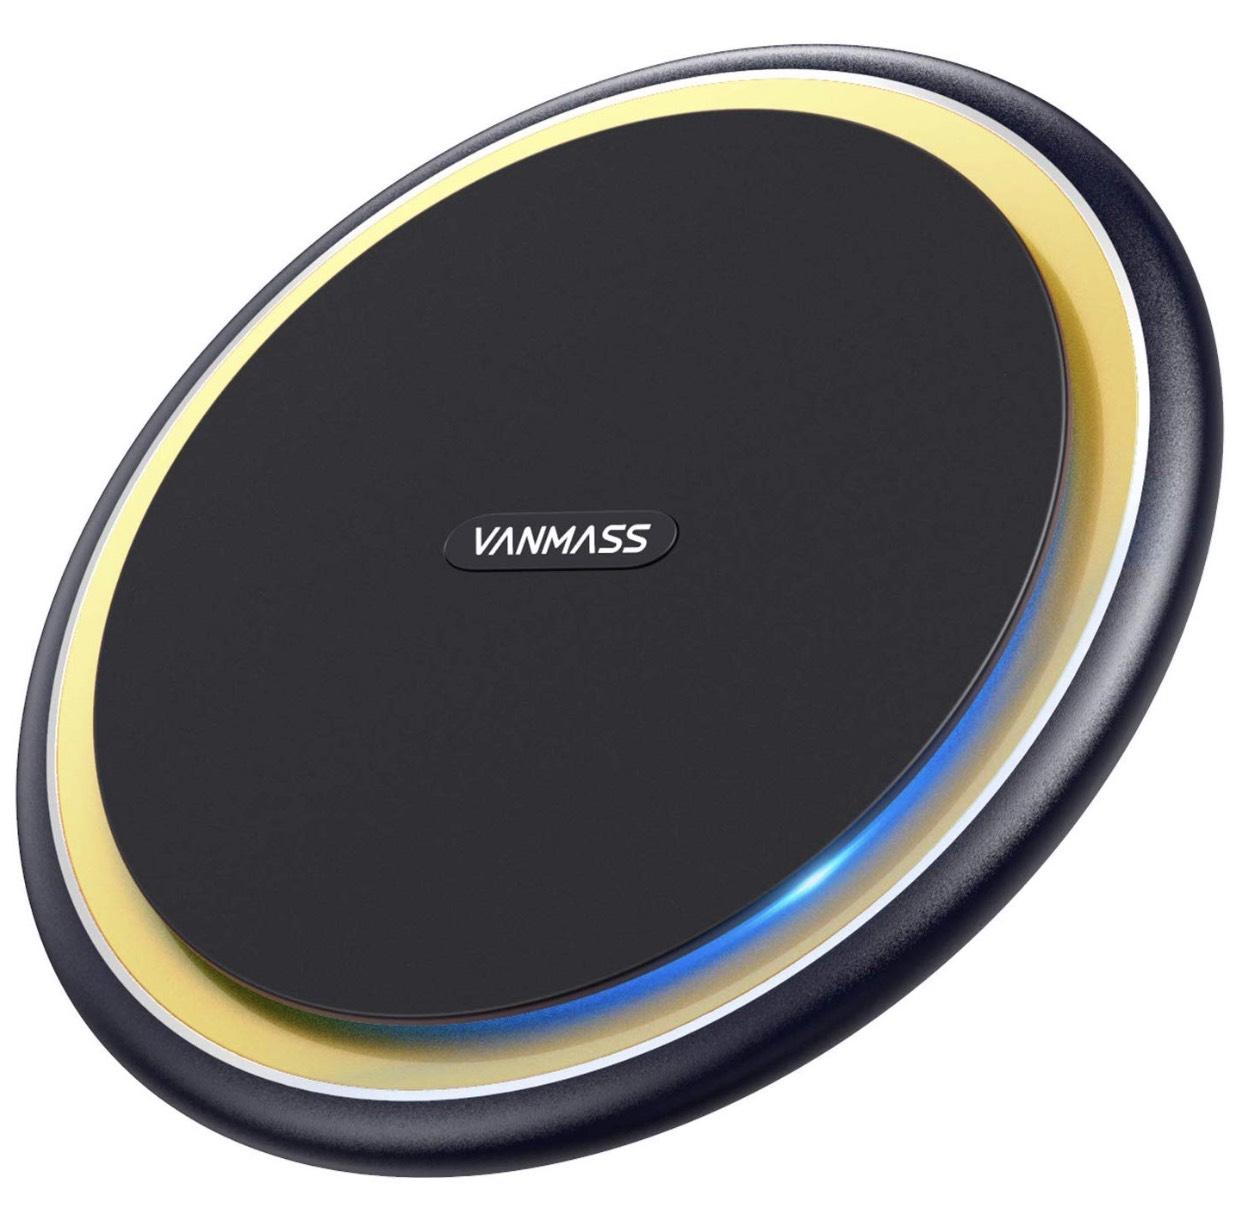 (Schnell sein / Blitzangebot) VANMASS Fast Wireless Charger Qi 15W Induktive Ladestation